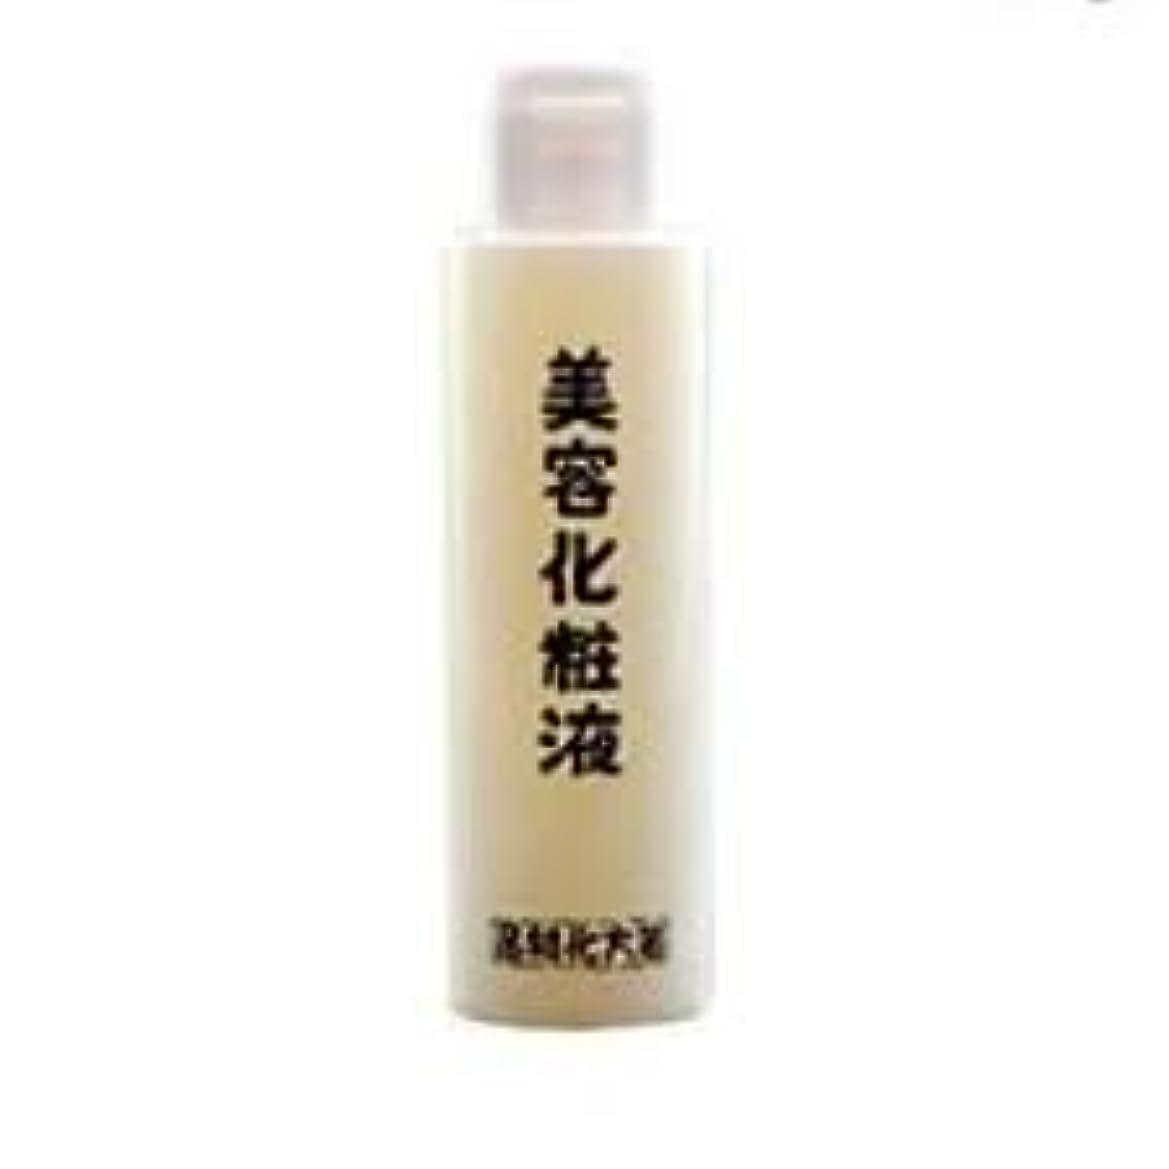 受け取るフローティングと遊ぶ箸方化粧品 美容化粧液 化粧水 120ml はしかた化粧品